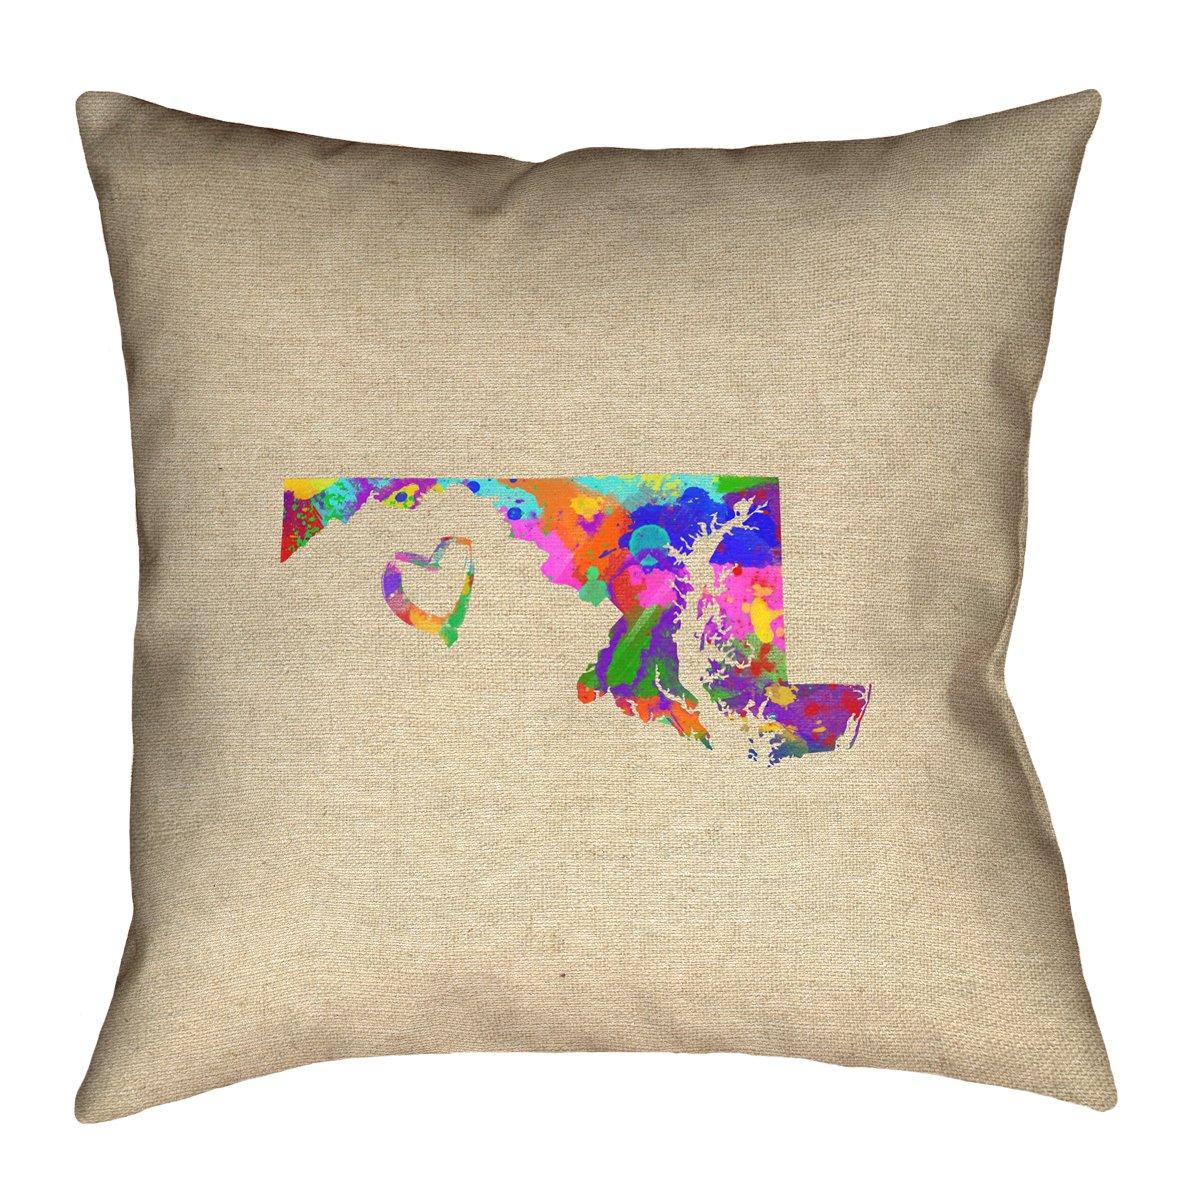 ArtVerse Katelyn Smith 26' x 26' Spun Polyester Maryland Love Watercolor Pillow